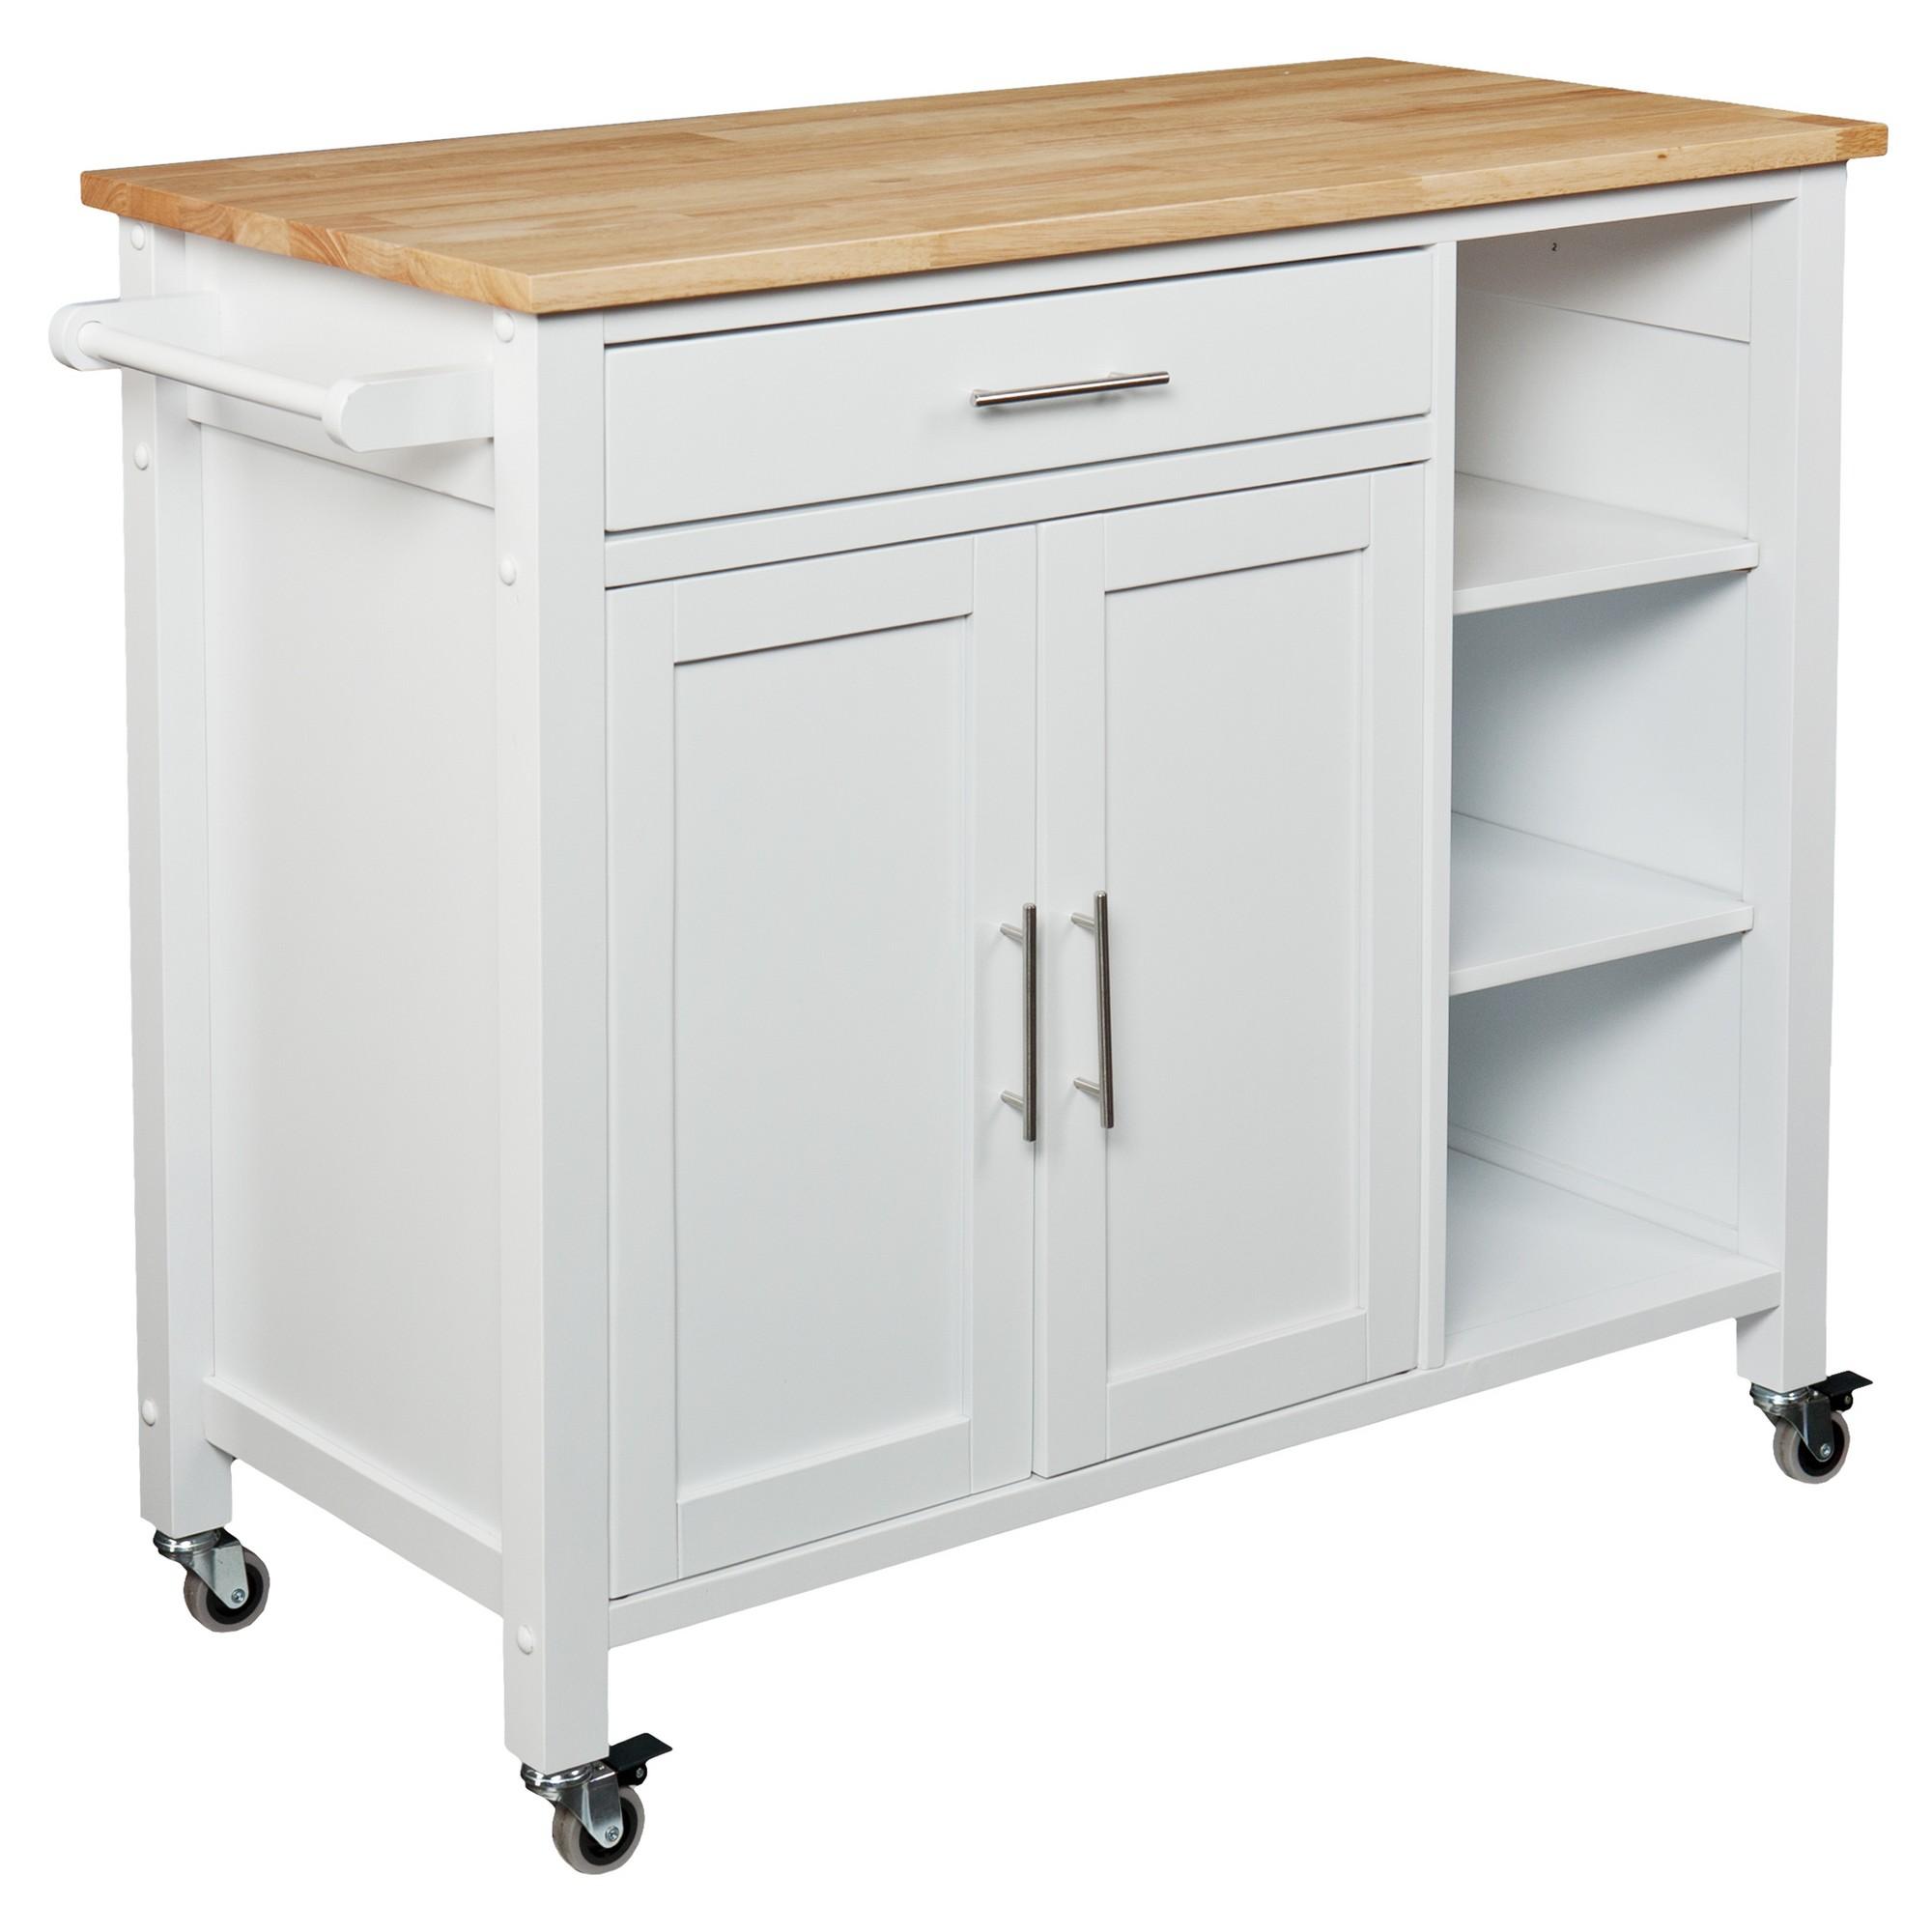 Aiden Lane Martinsen Kitchen Cart - White in 2019 | Products ...